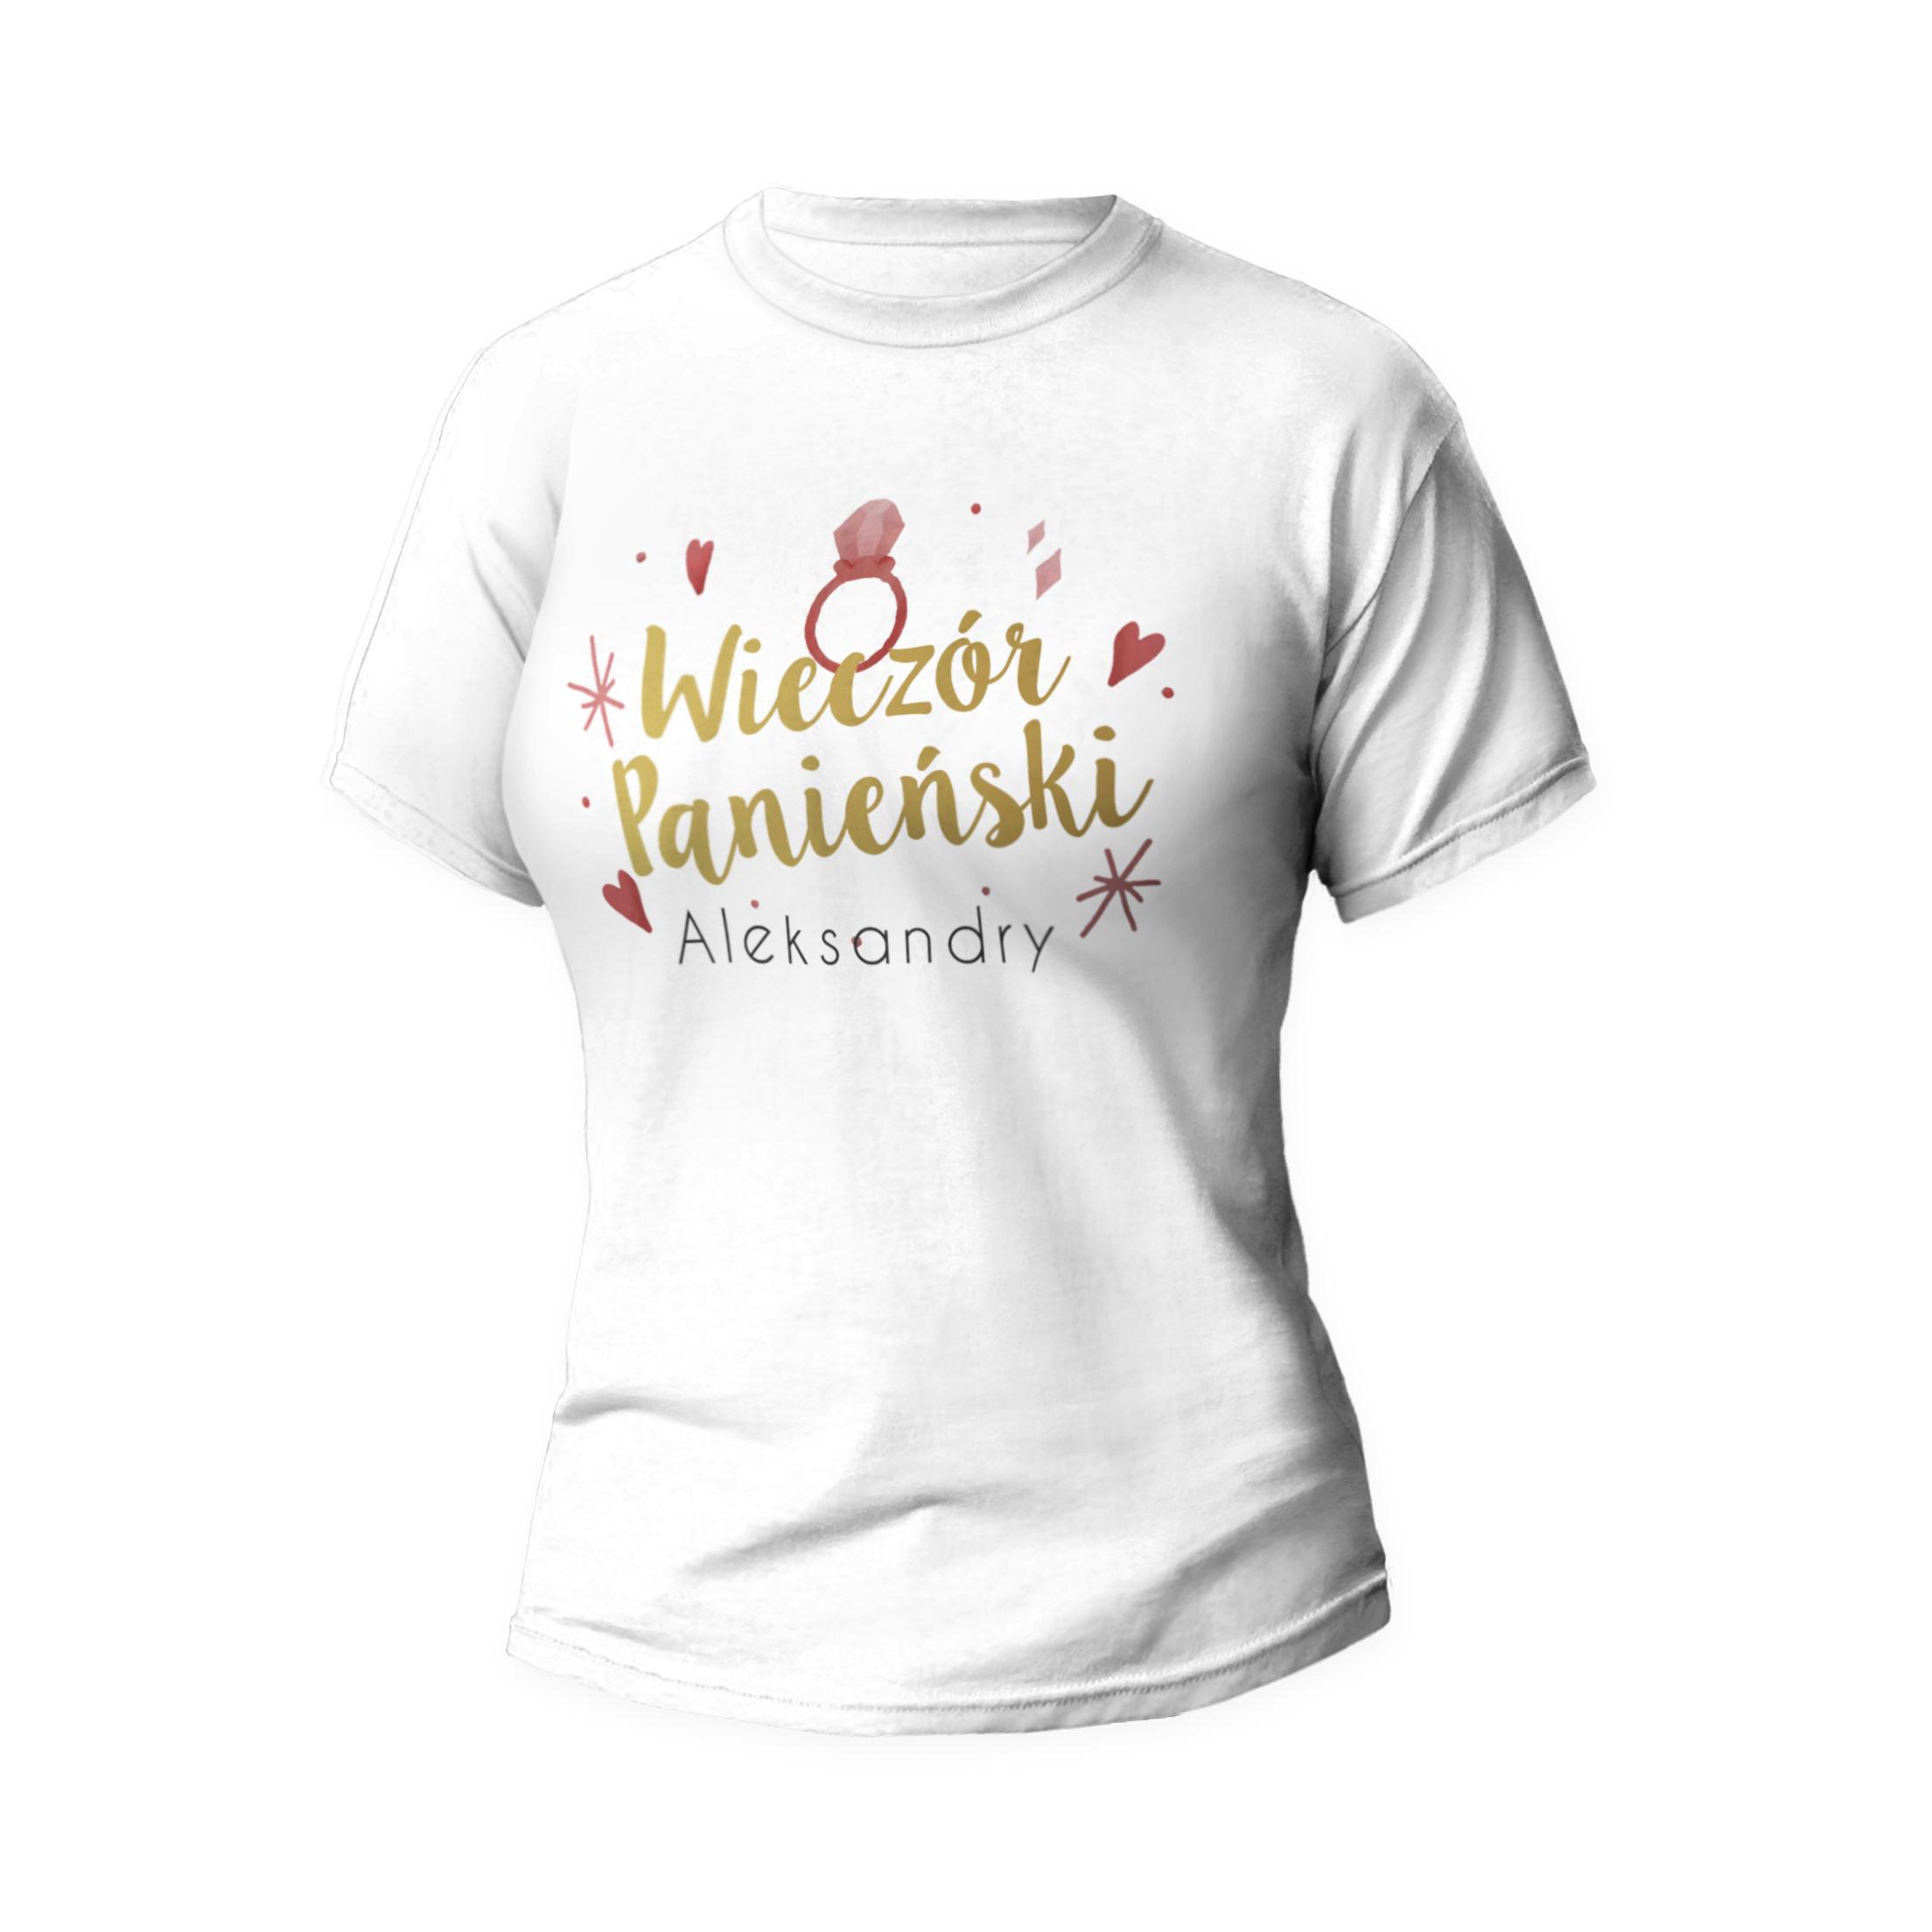 Rozmiar L - koszulka damska z własnym nadrukiem na wieczór panieński - biała